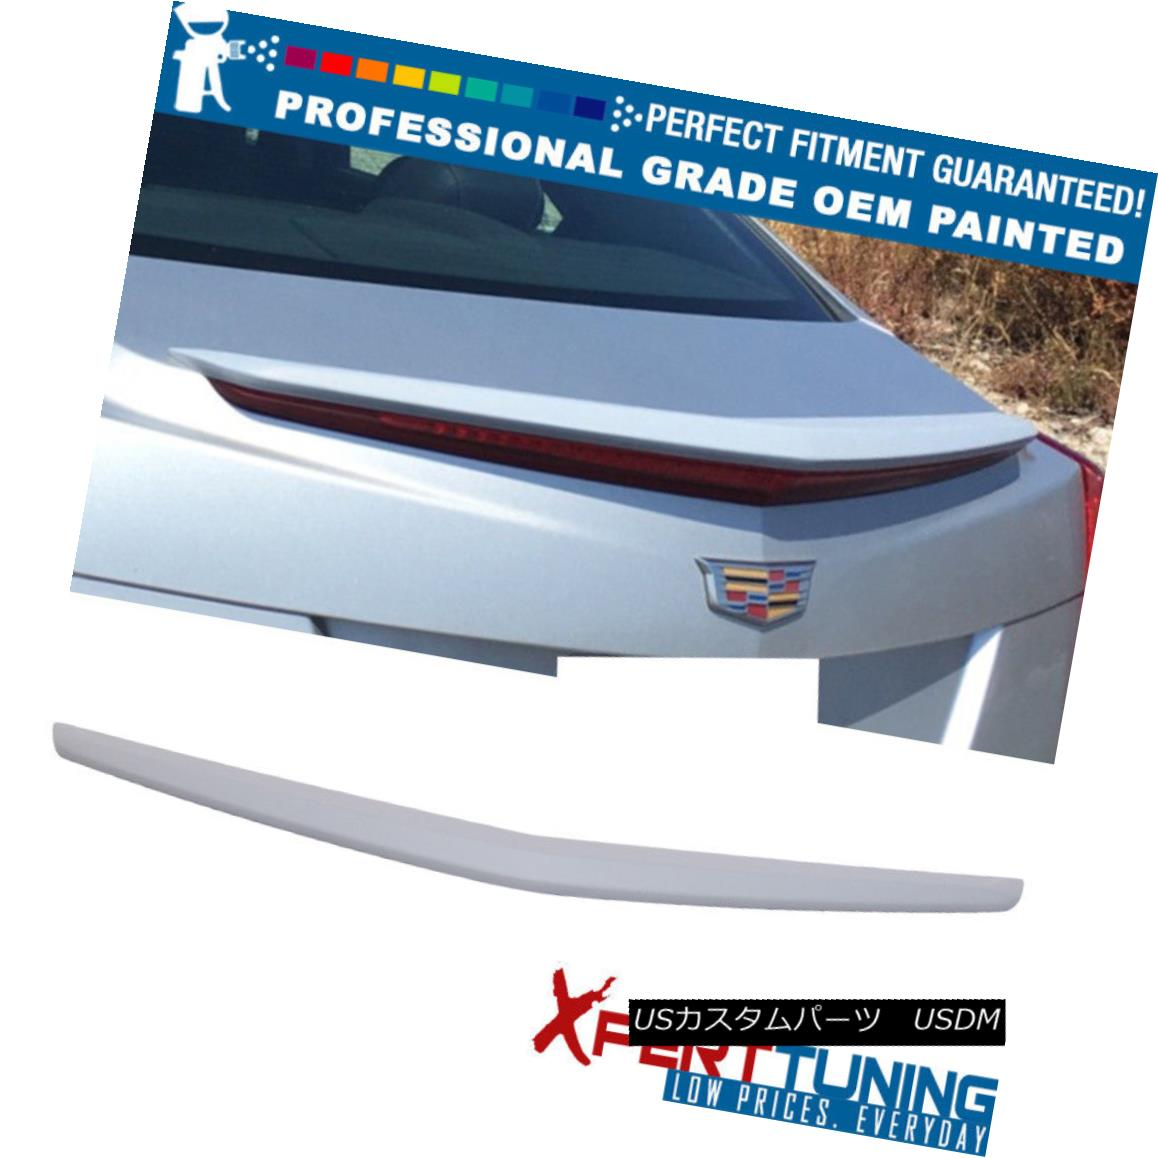 エアロパーツ Fit 13-18 Cadillac ATS OE Factory Painted Trunk Spoiler - OEM Painted Color フィット13-18キャデラックATS OE工場塗装トランクスポイラー - OEM塗装色